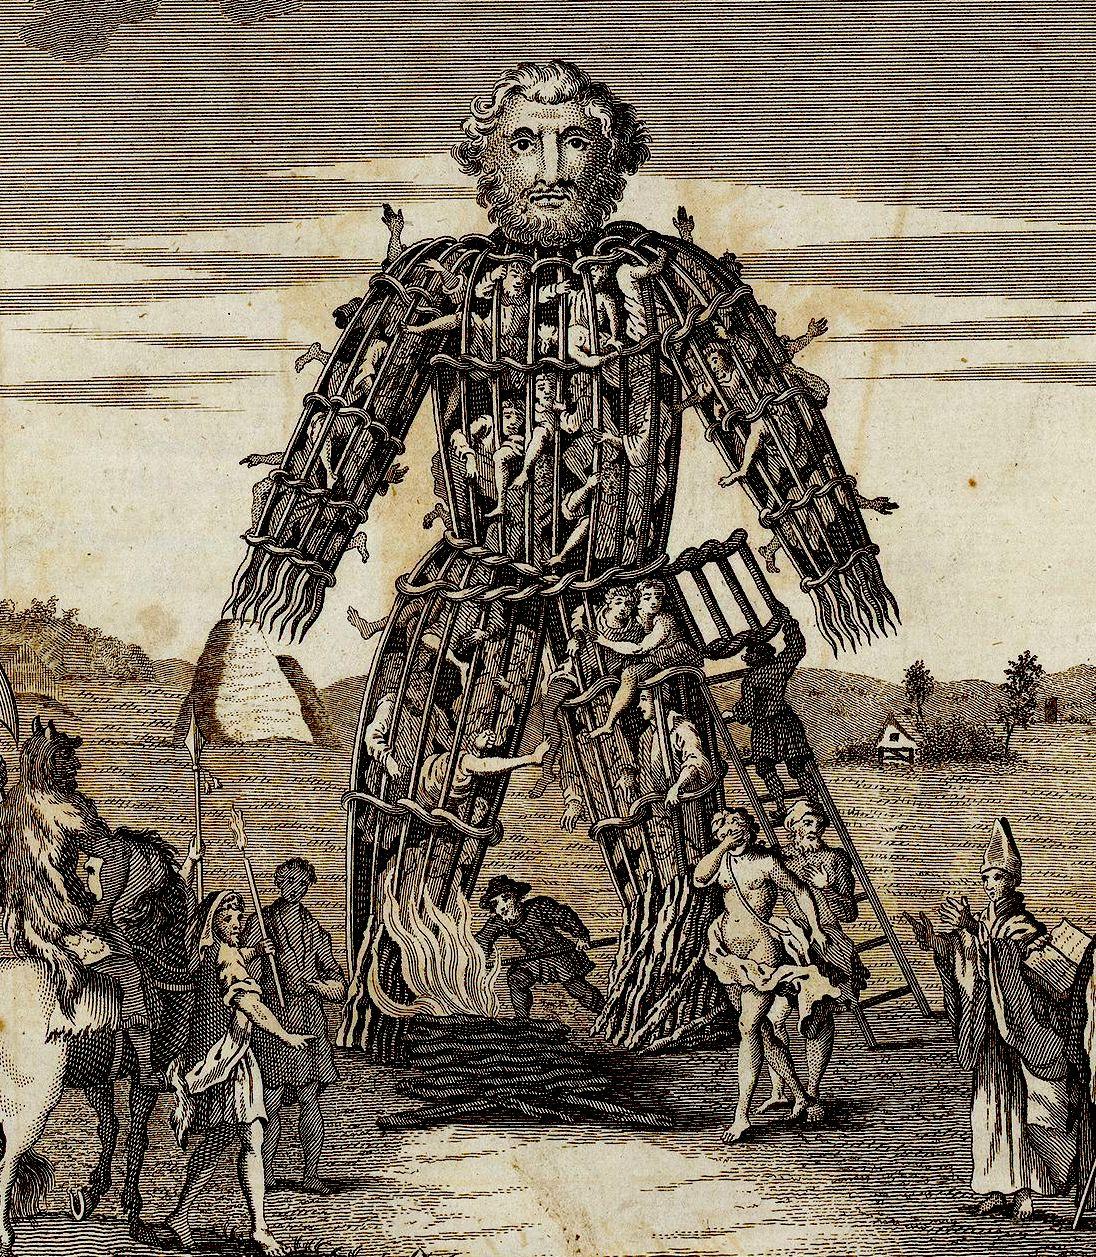 The_Wicker_Man_of_the_Druids.jpg